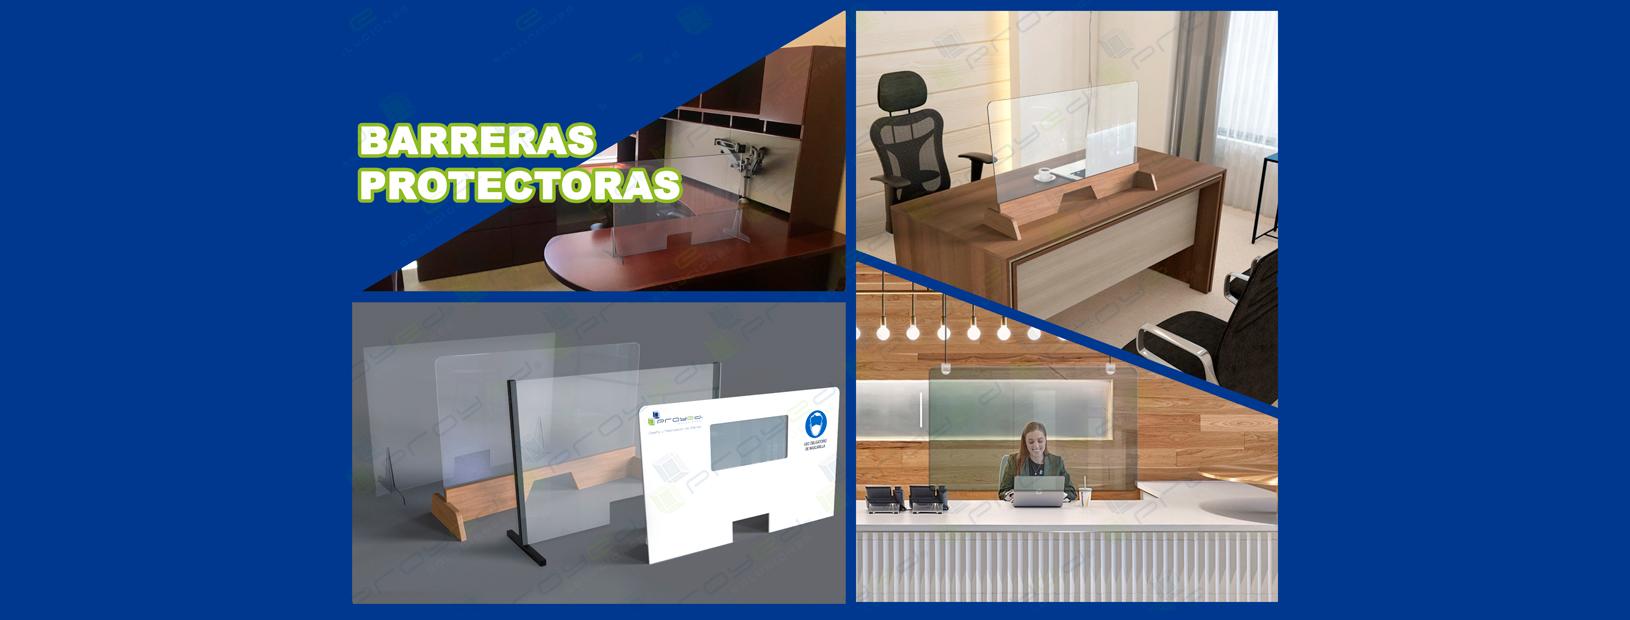 Barreras Protectoras COVID